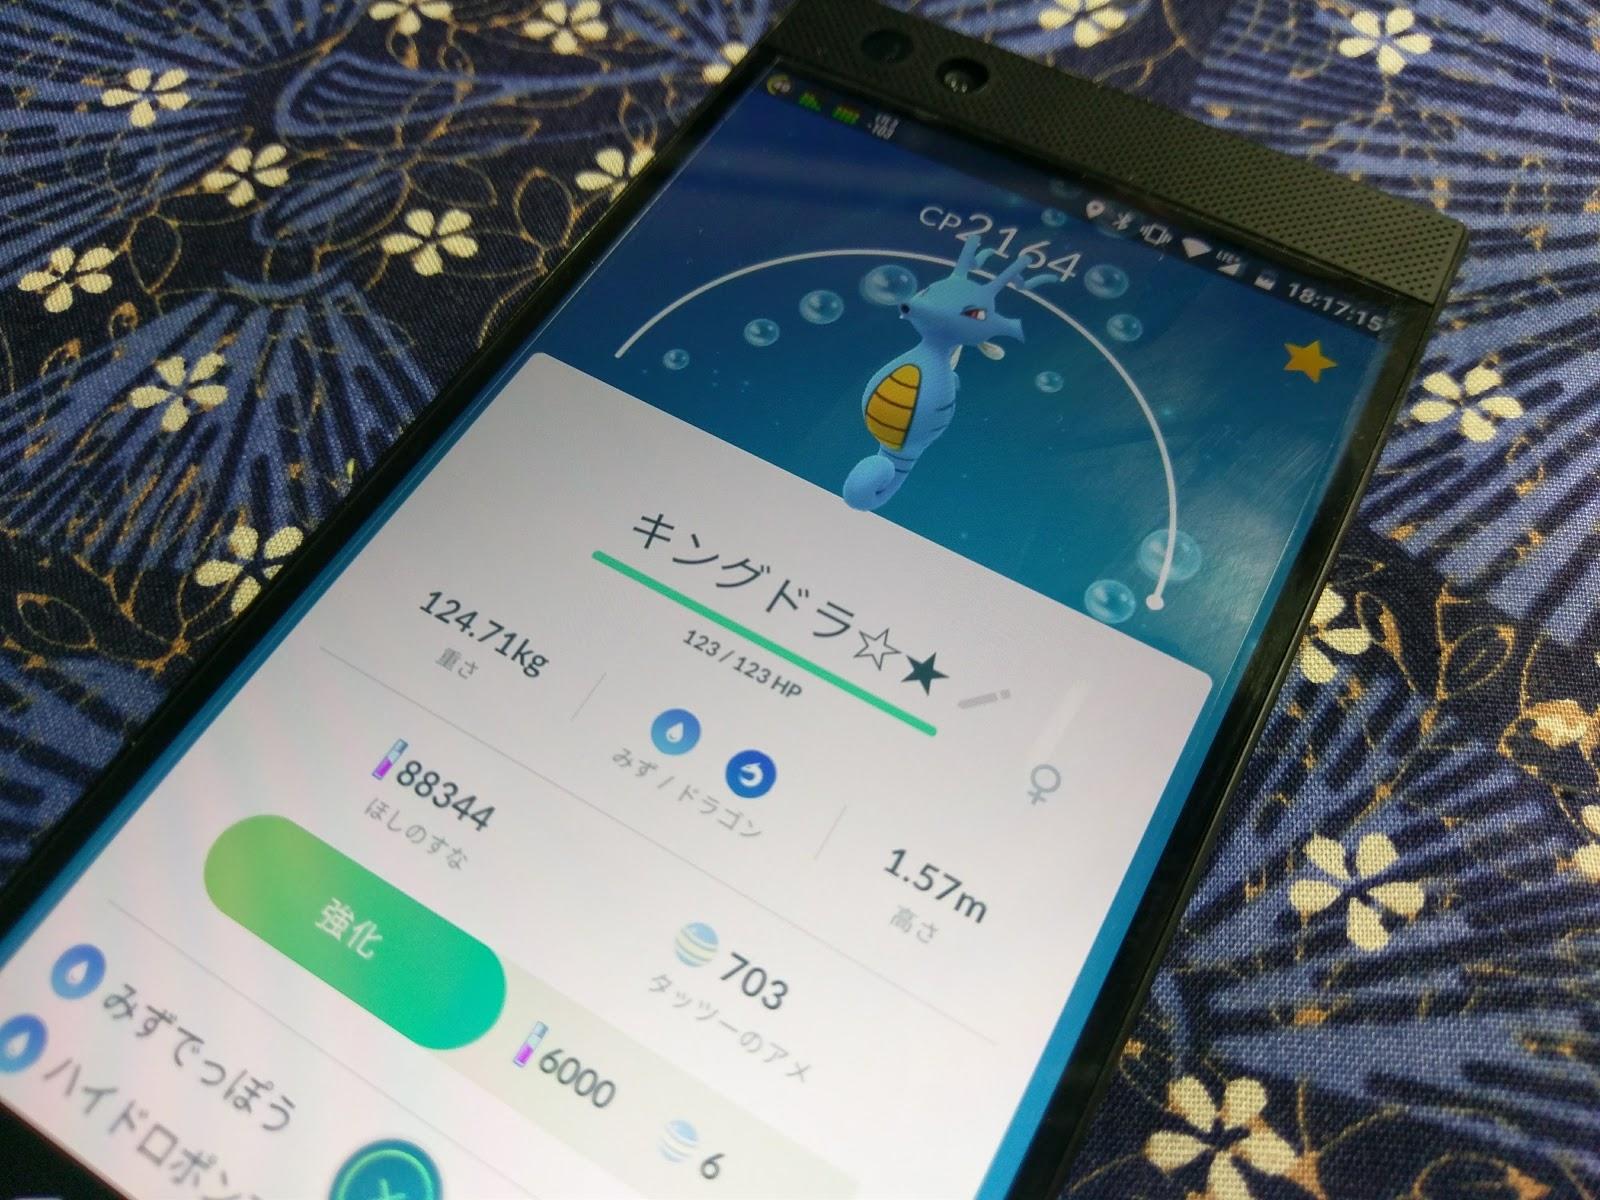 ポケモンgoがぬるぬる動く】razer phoneの120hz駆動ディスプレイをゲーム